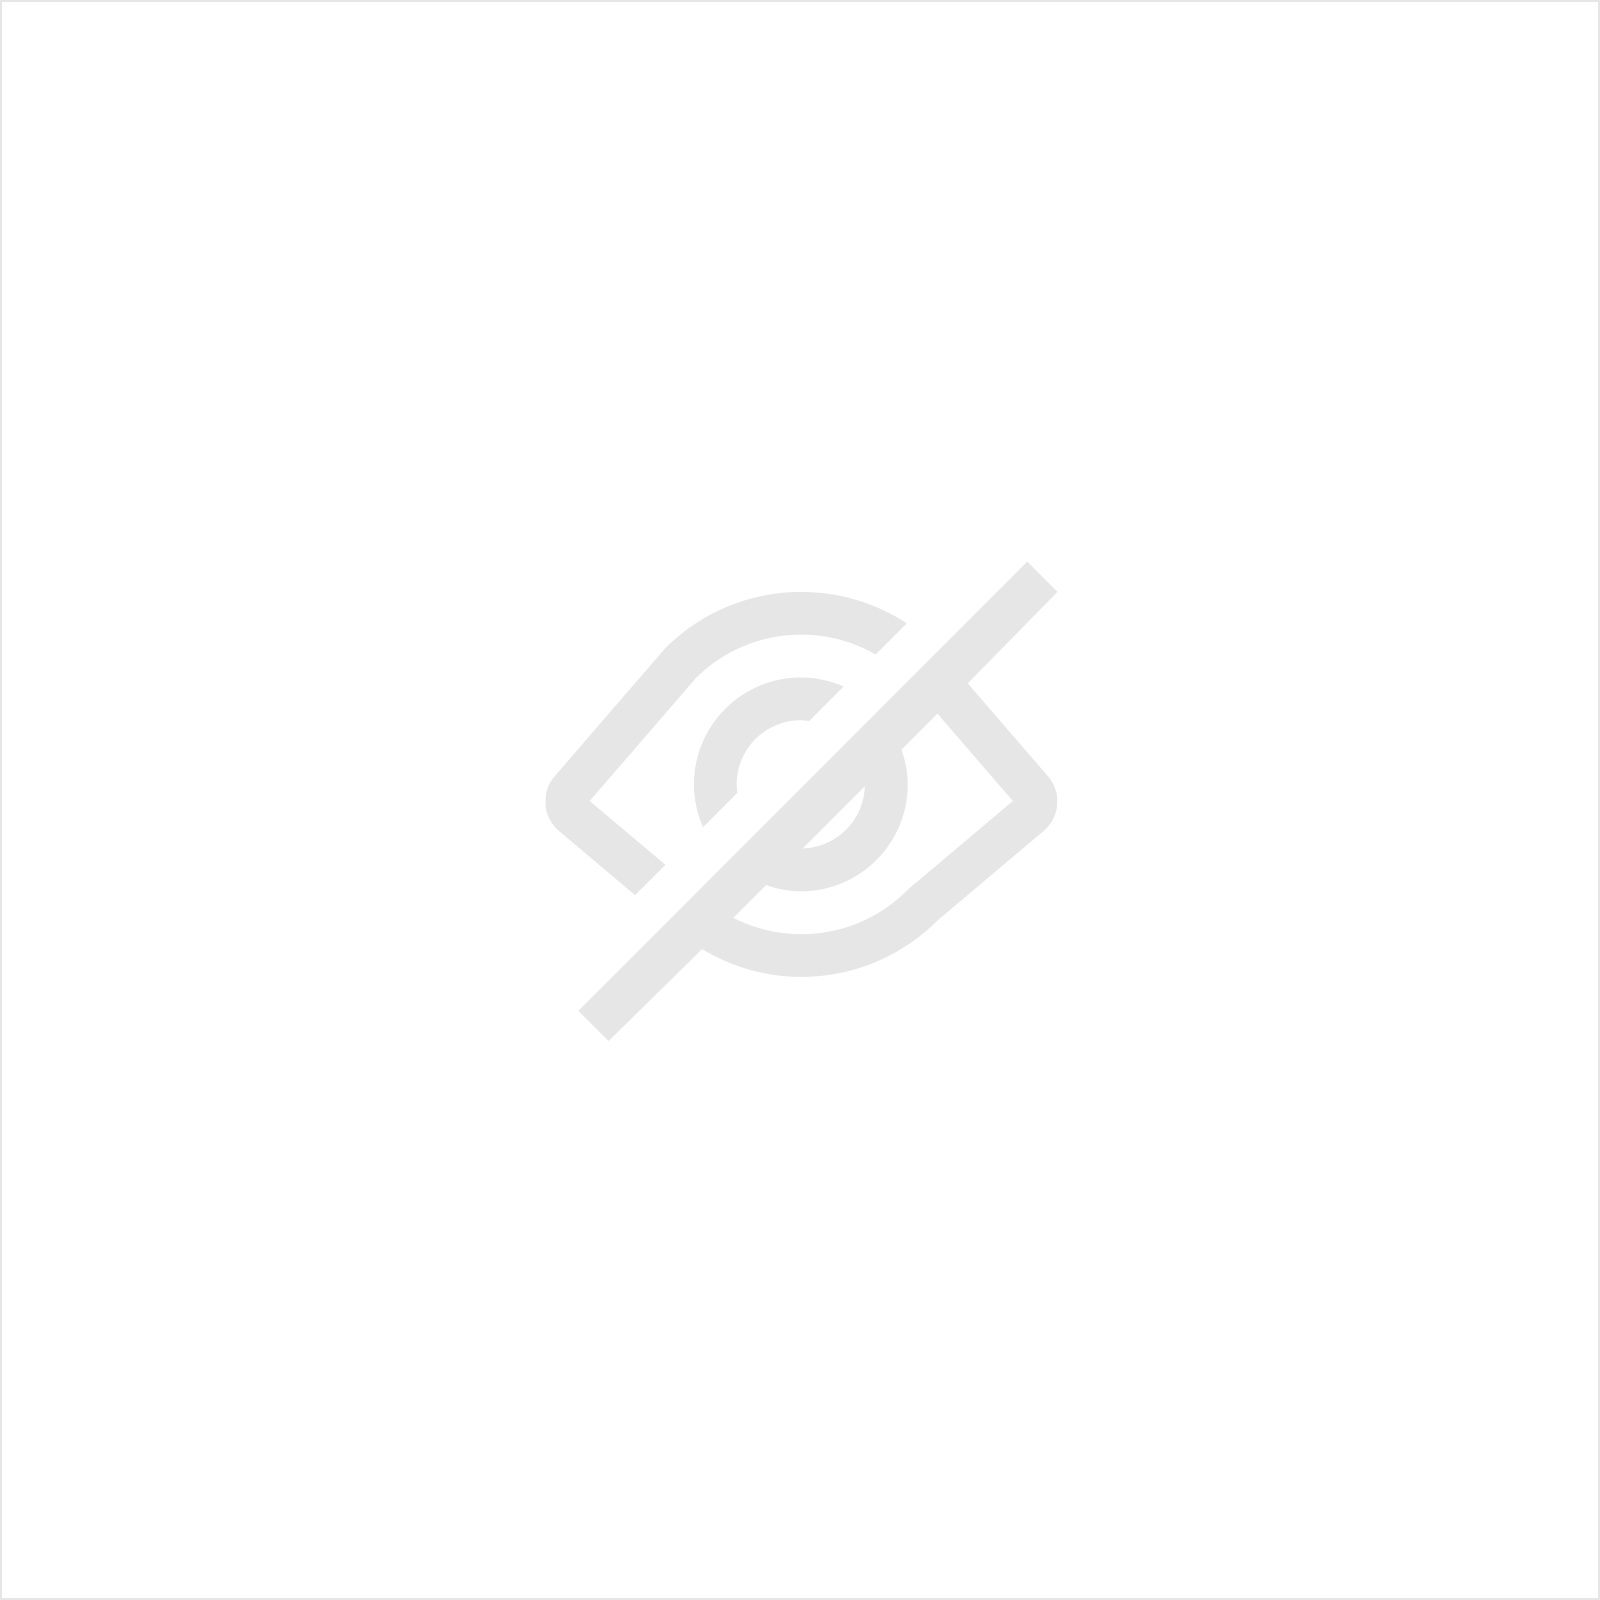 OUATOR CUIVRE / COTON A LUSTRER 75gr